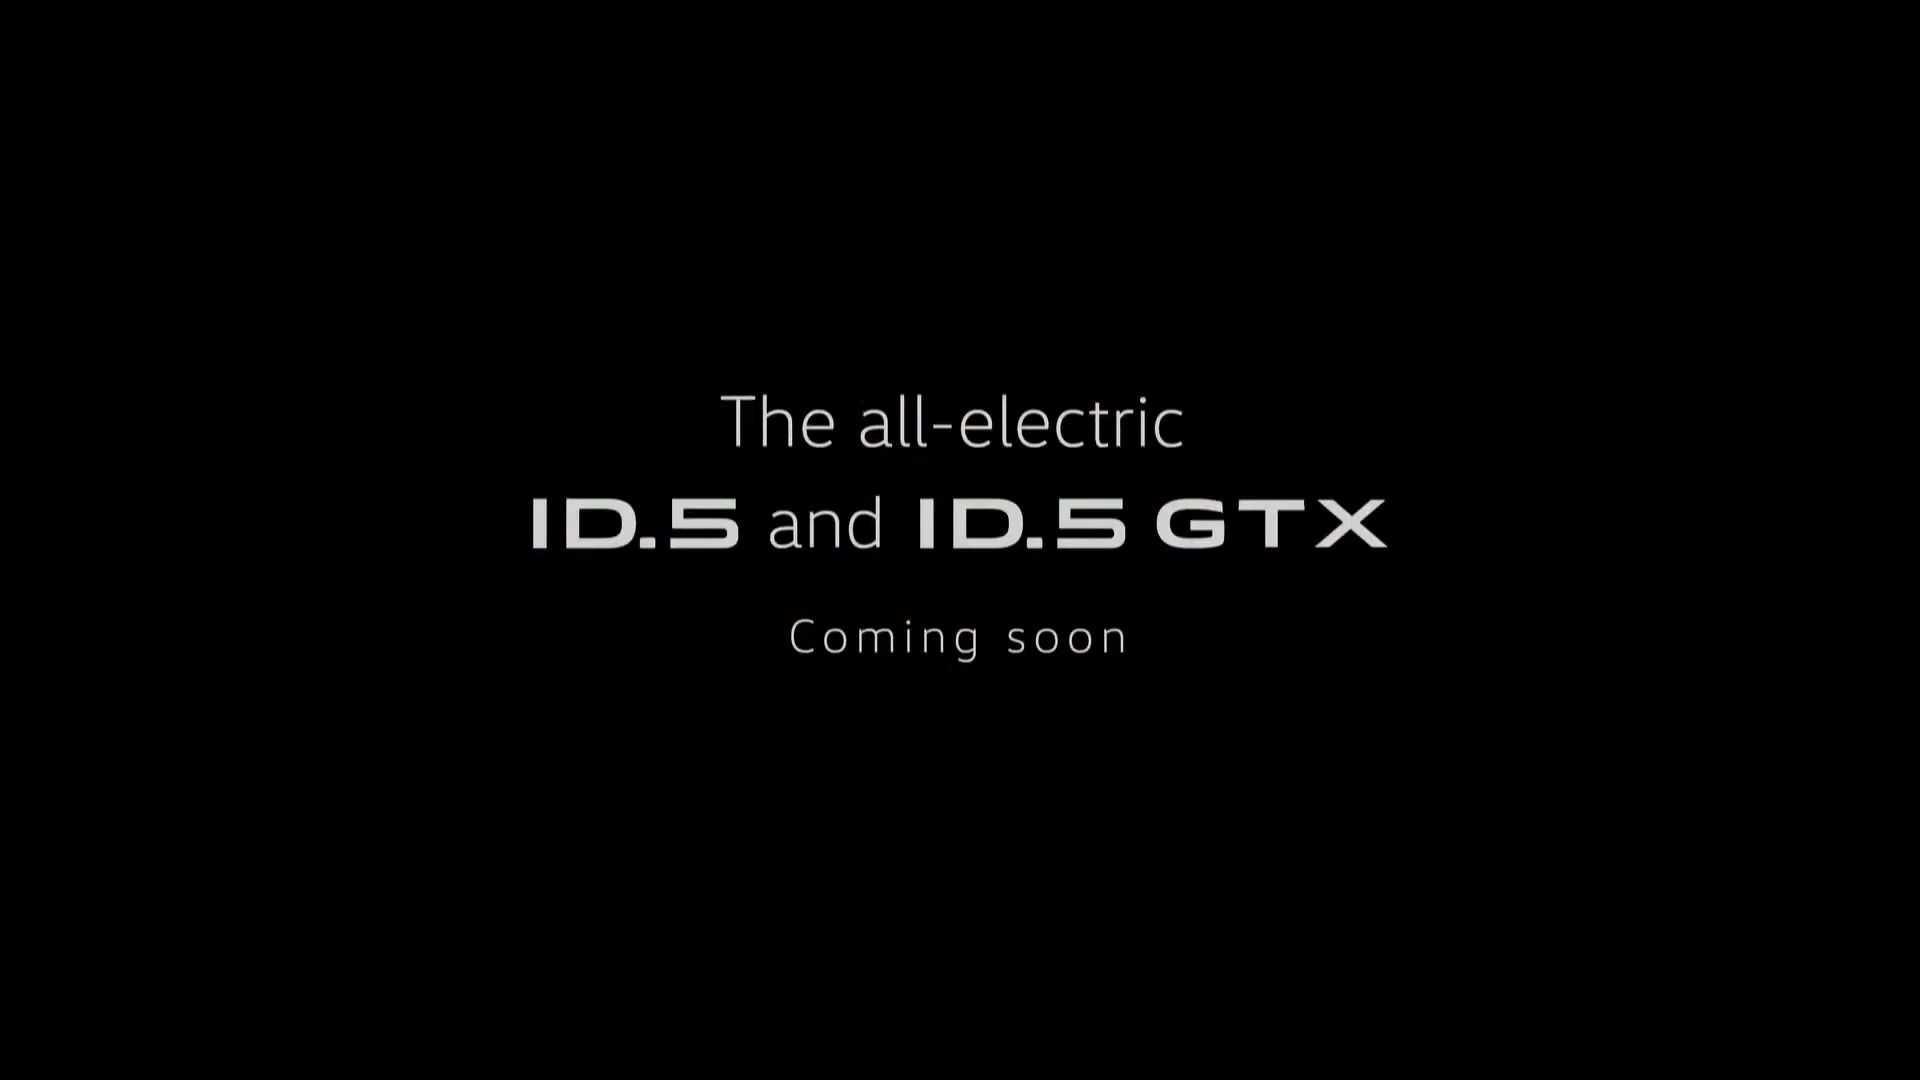 第四季度发布/同步推GTX版 大众ID.5预告图